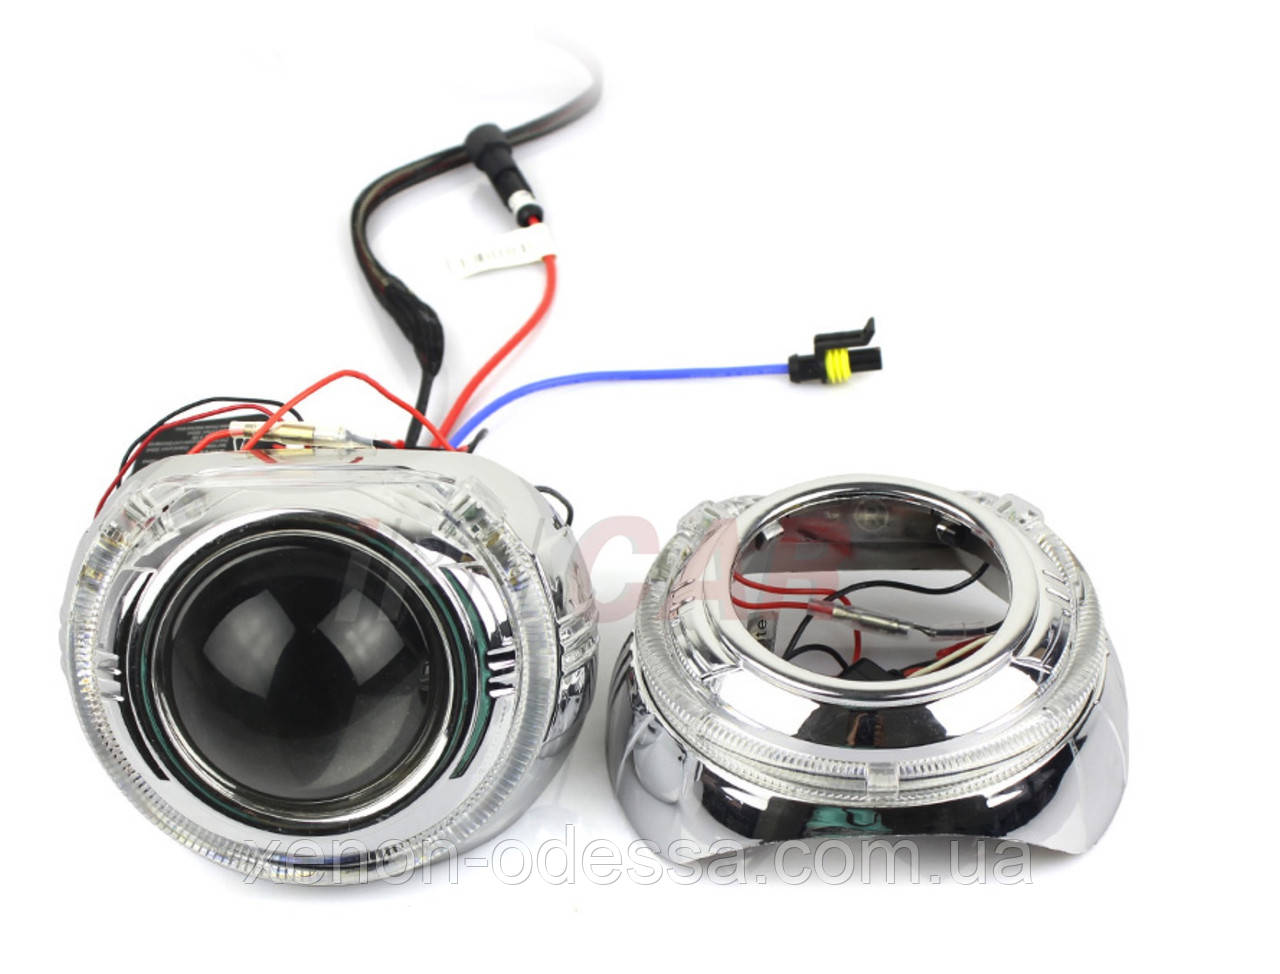 """Маска для ксеноновых линз 3.0"""" : S-MAX  со светодиодными Ангельскими Глазами LED CREE"""